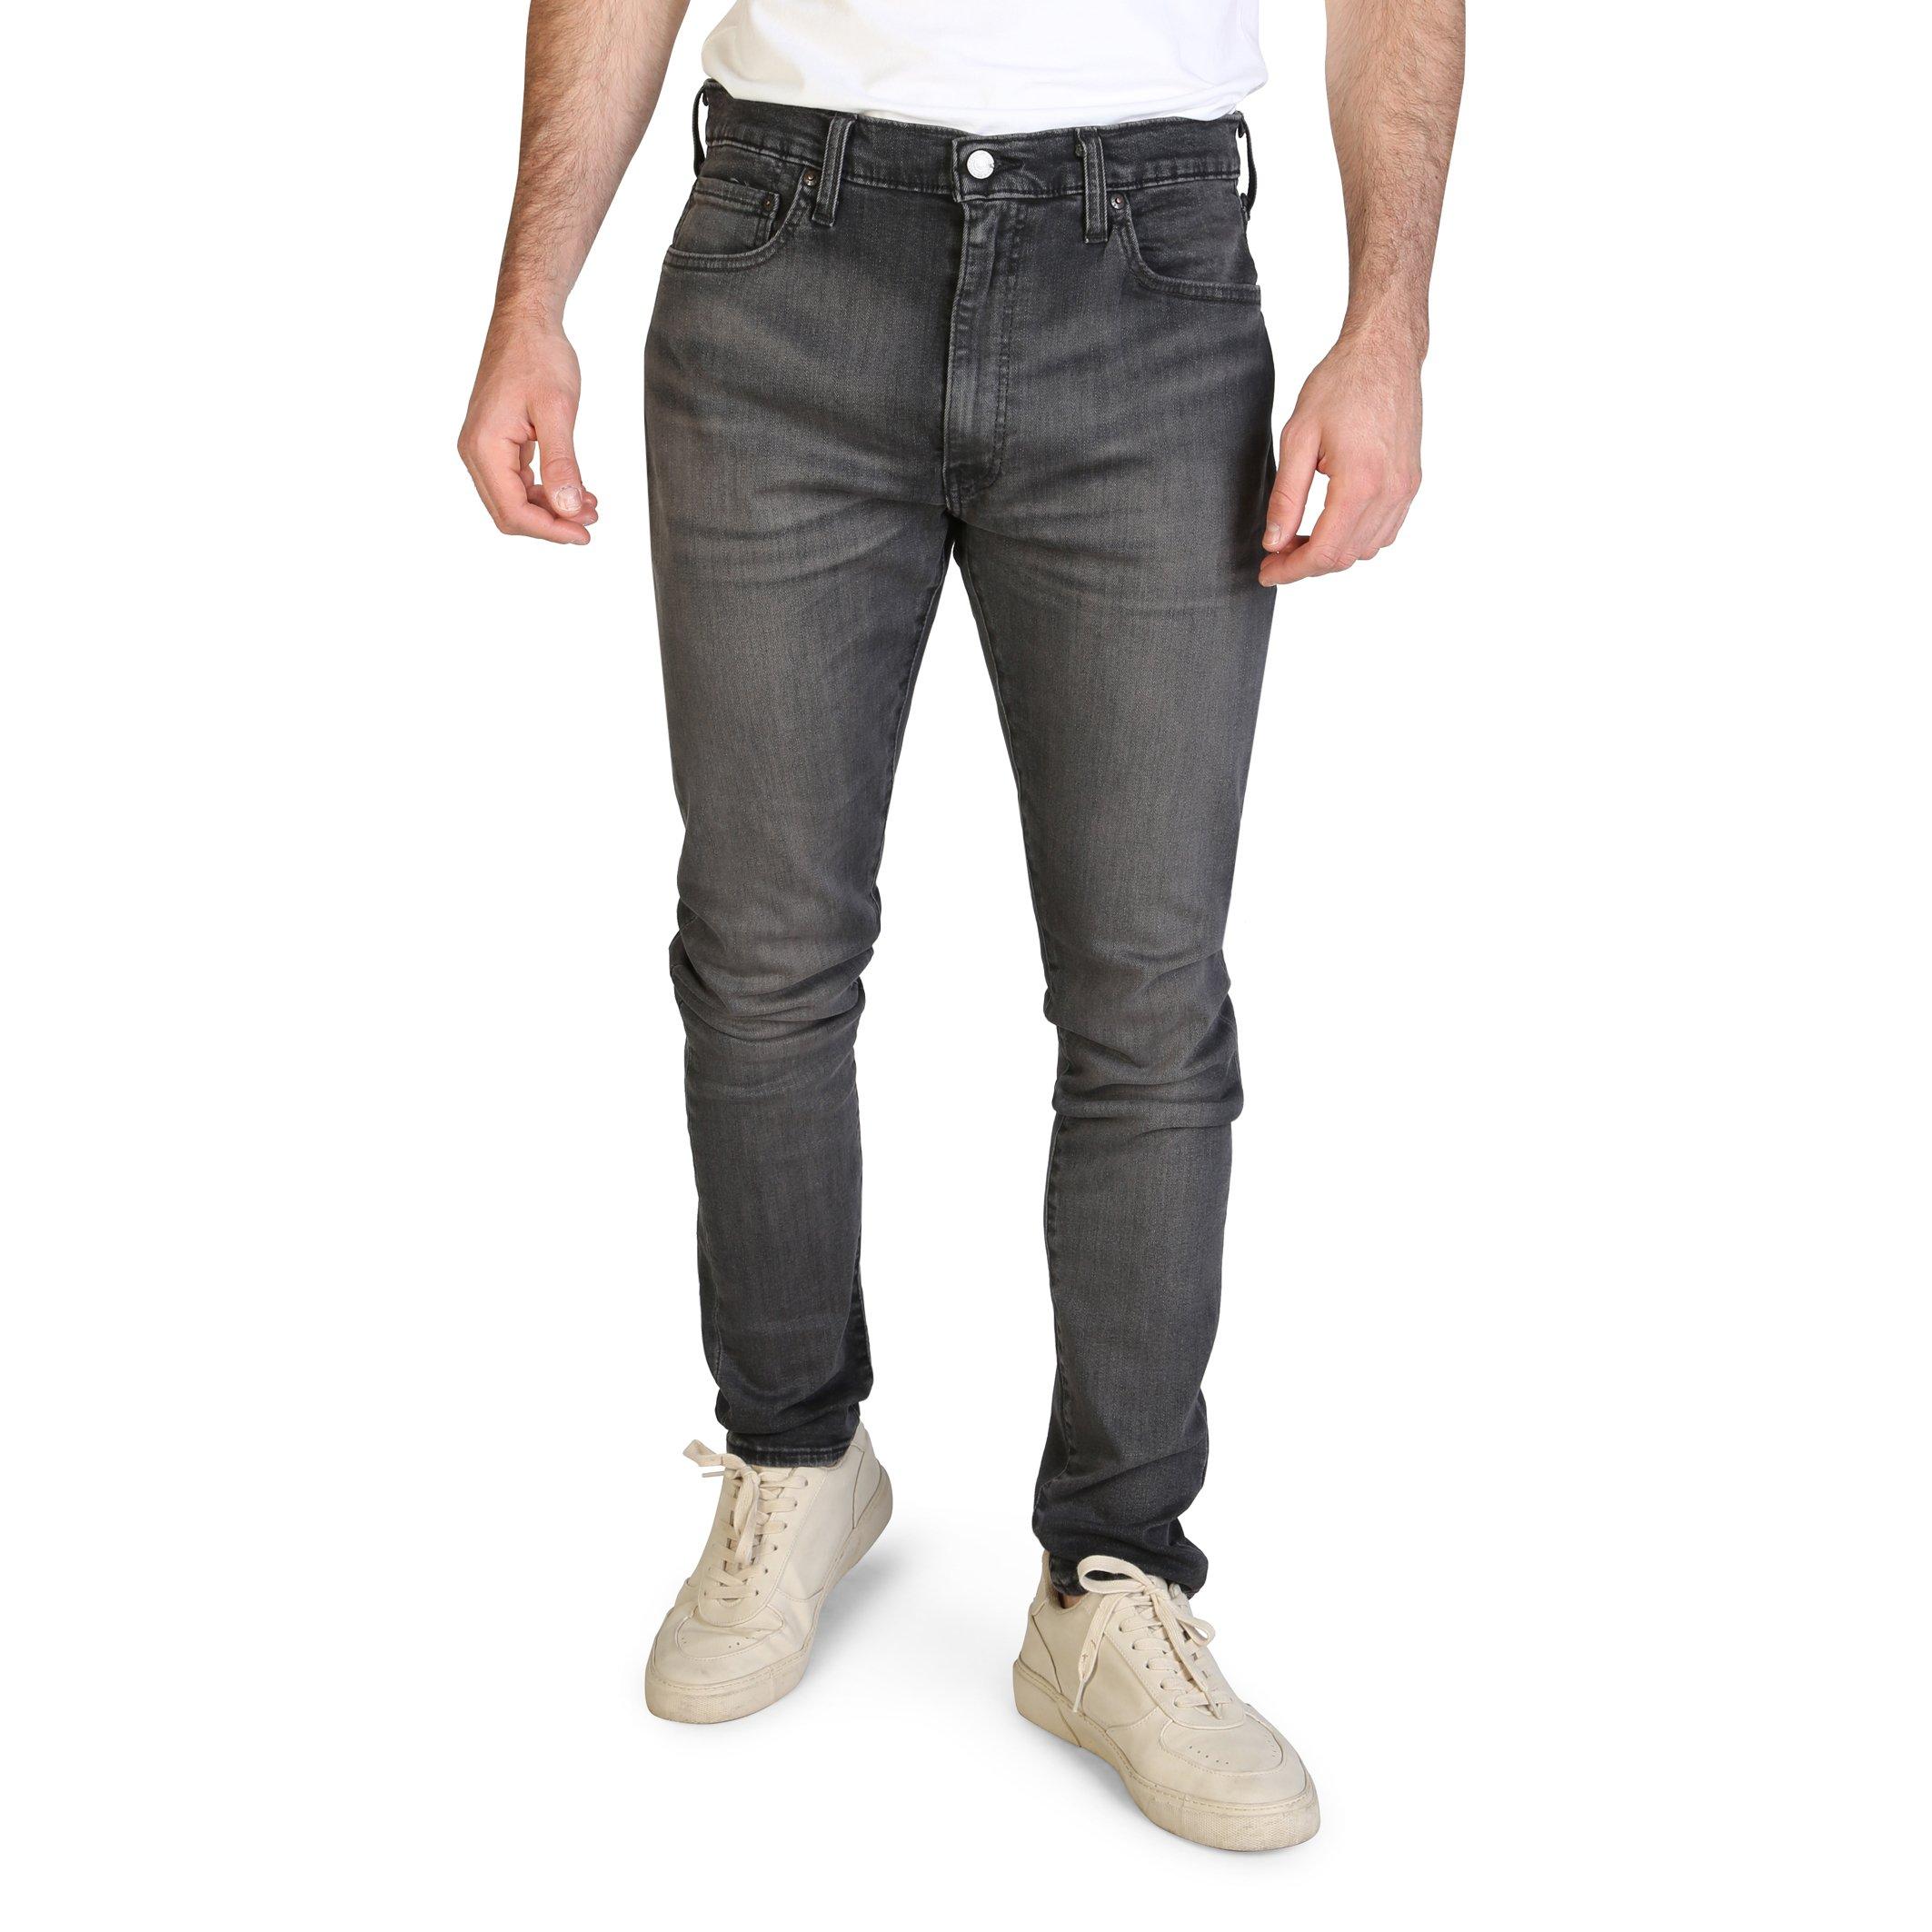 Levis Men's Jeans Blue 84558 - black 38